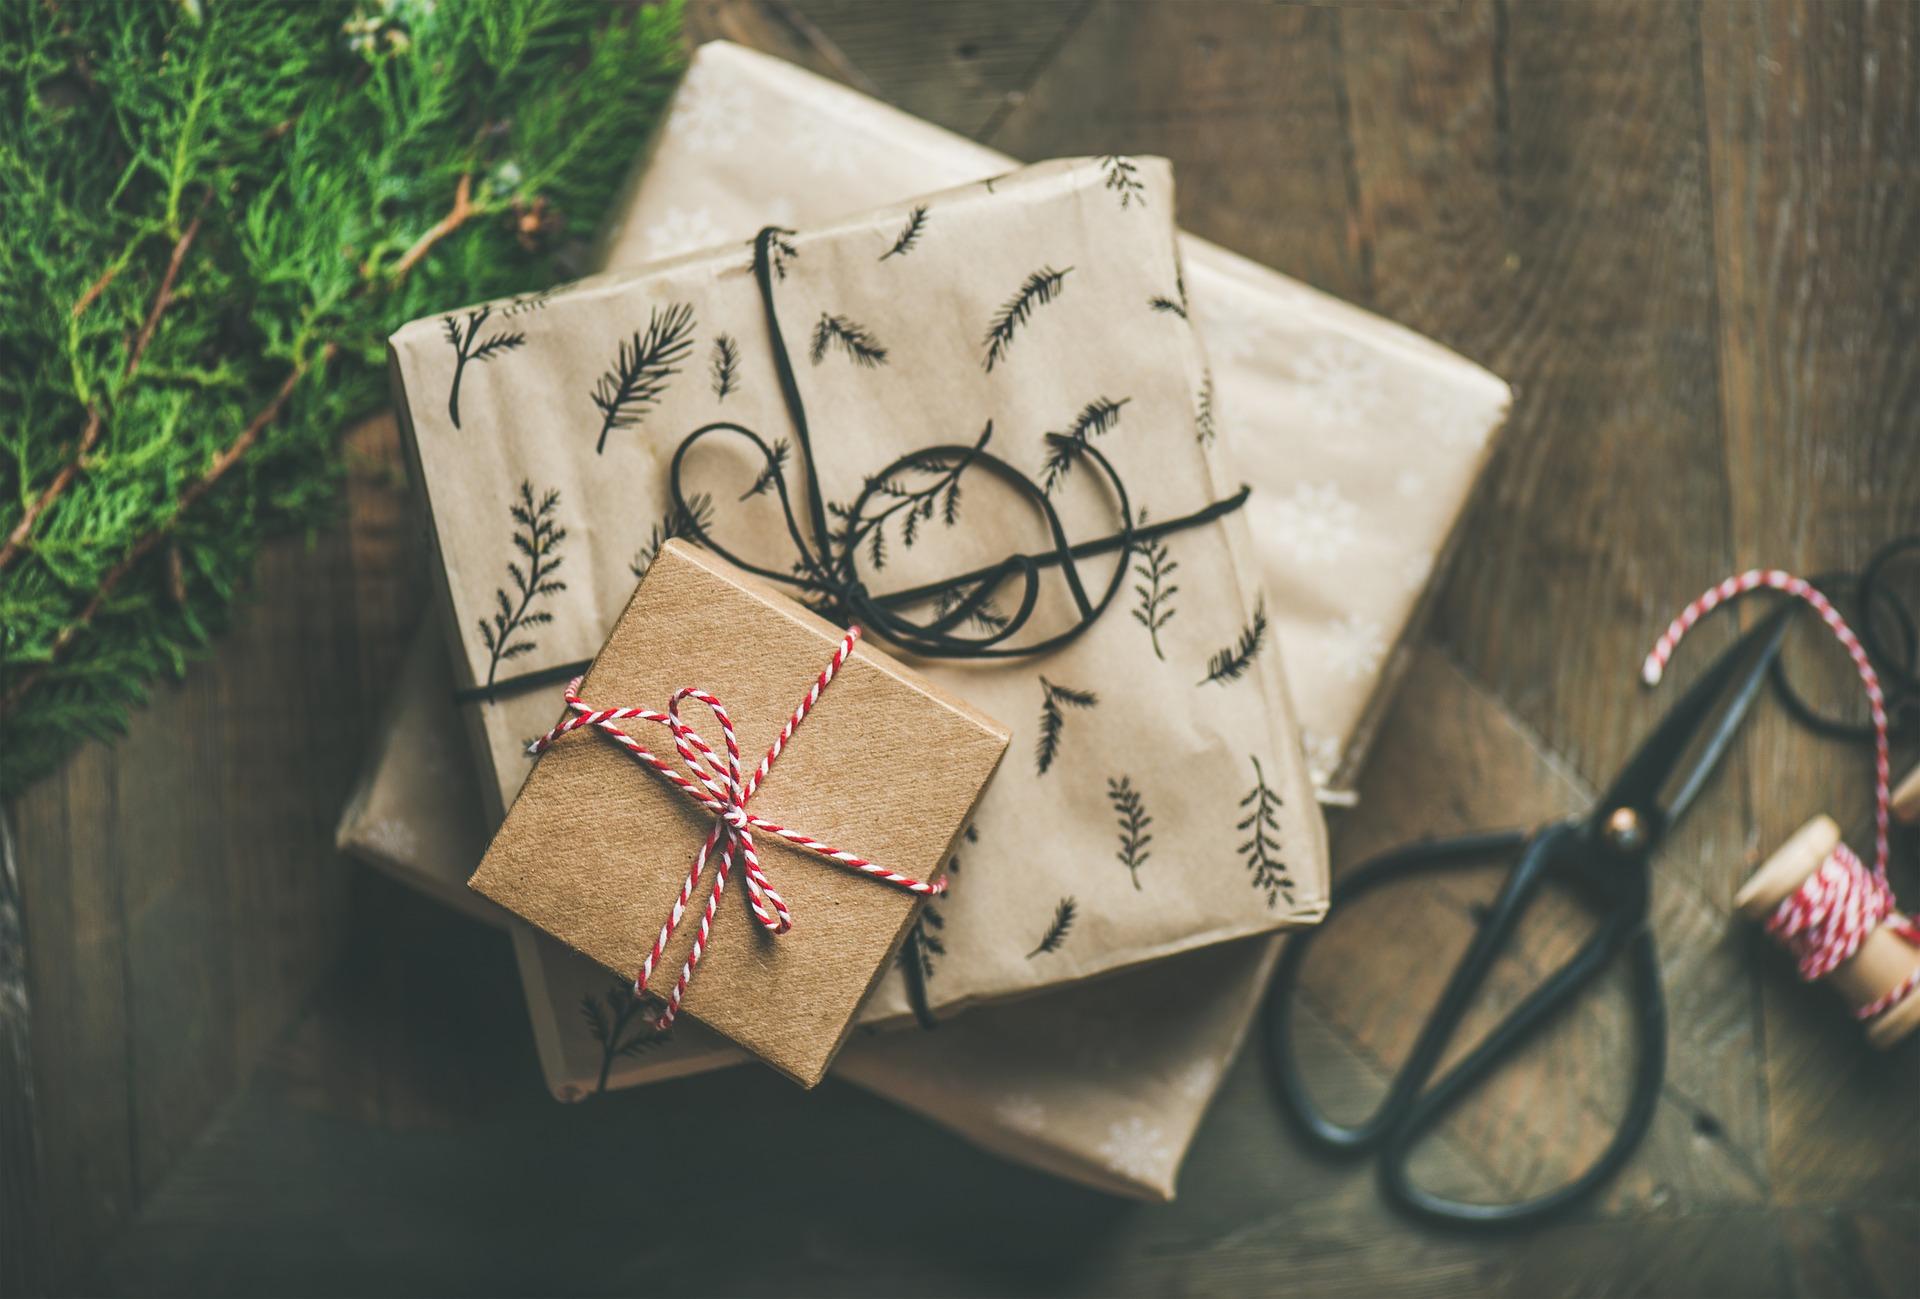 gifts-2998593_1920_1.jpg